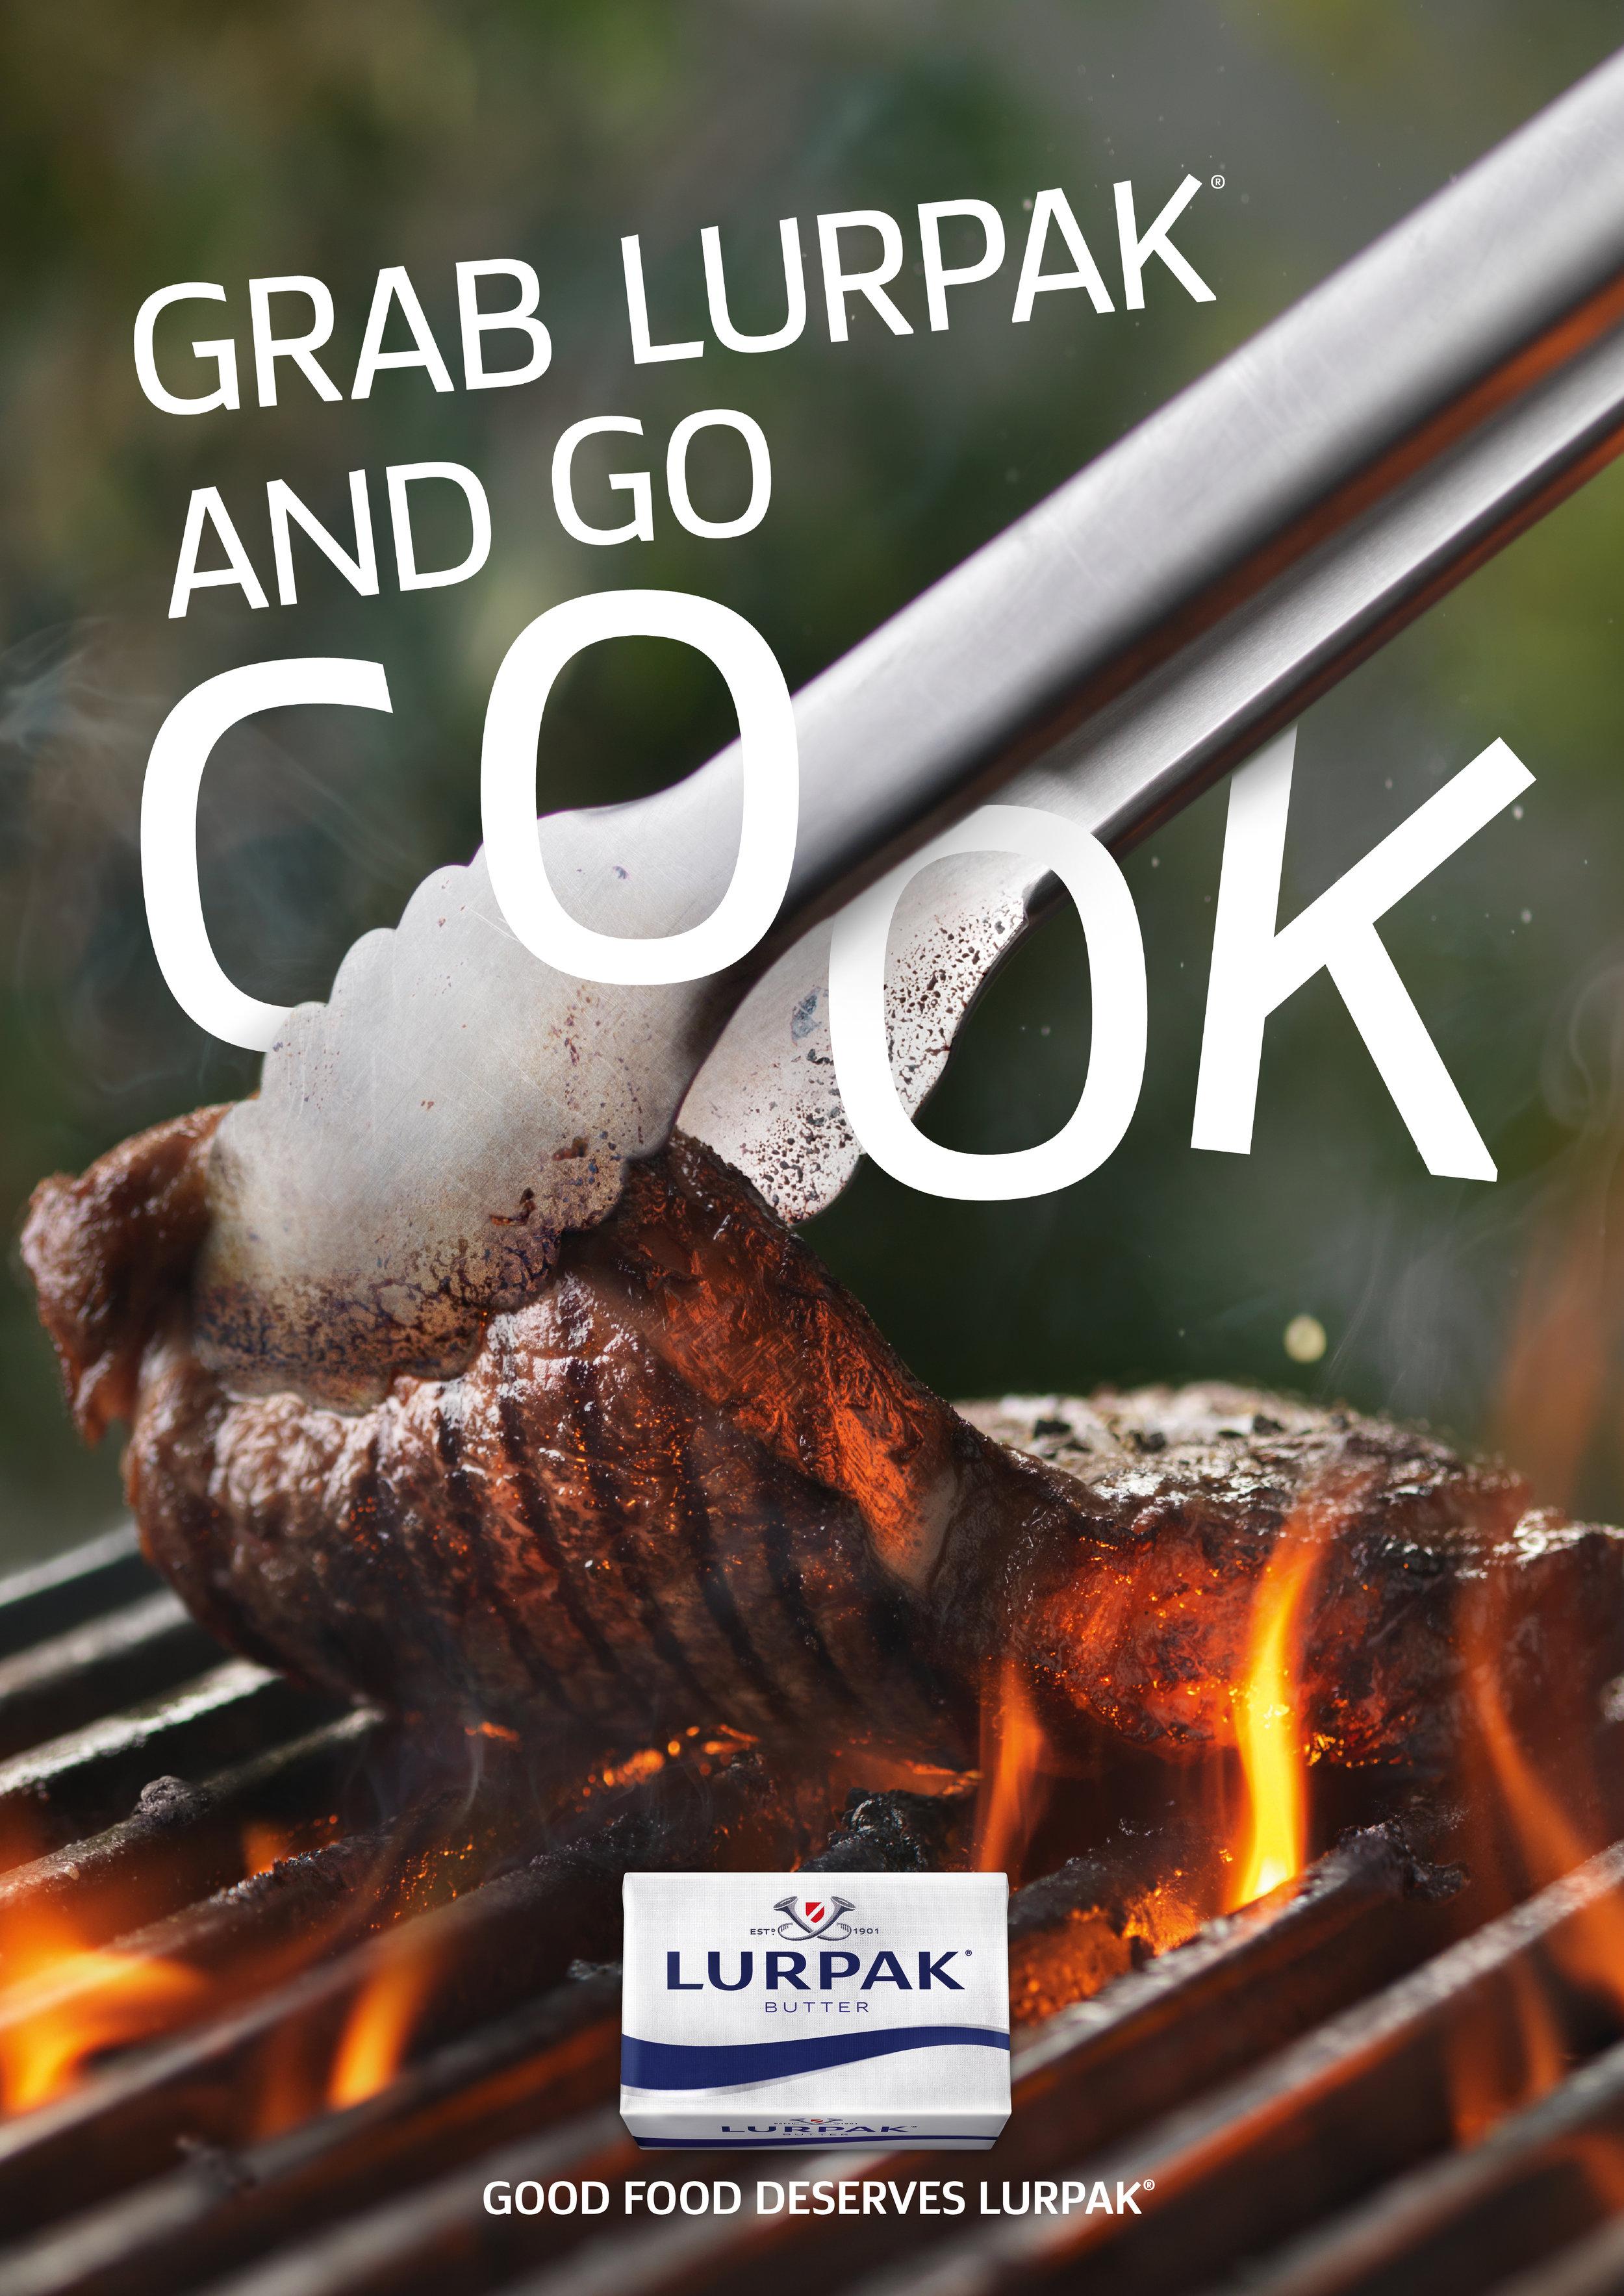 Lurpak_GOC_KV_A3_P_Steak.jpg